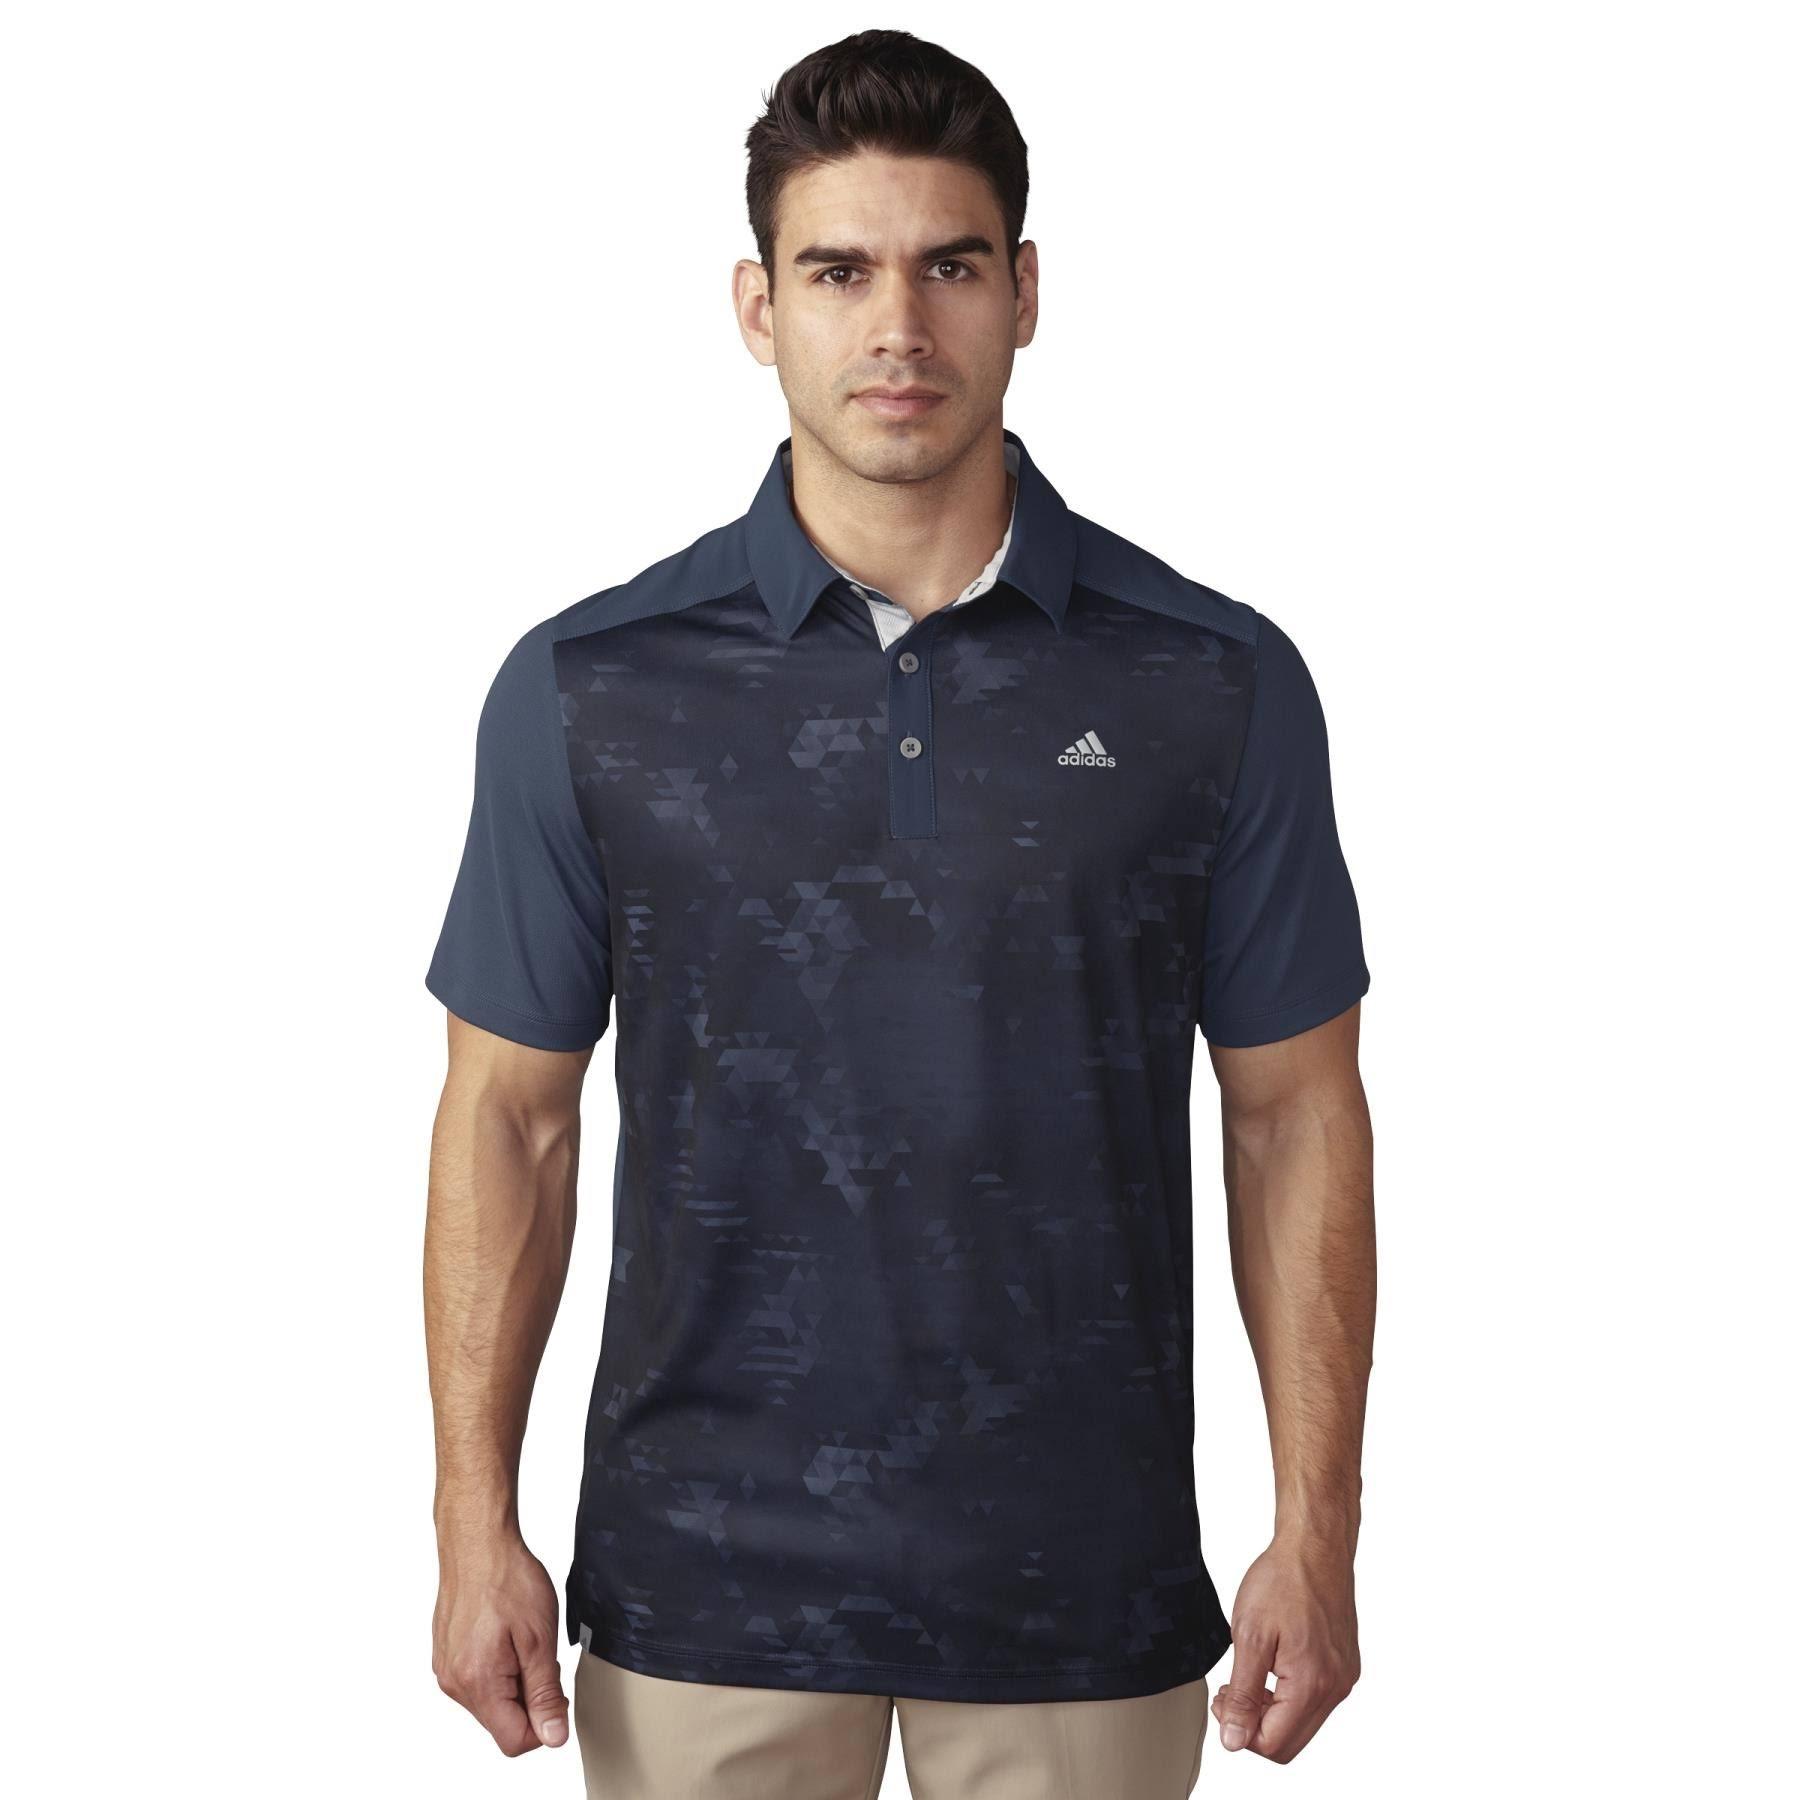 Tayjb Tm1311s6 adidas Golf Mens Climacool Geo Print Polo Shirt ...